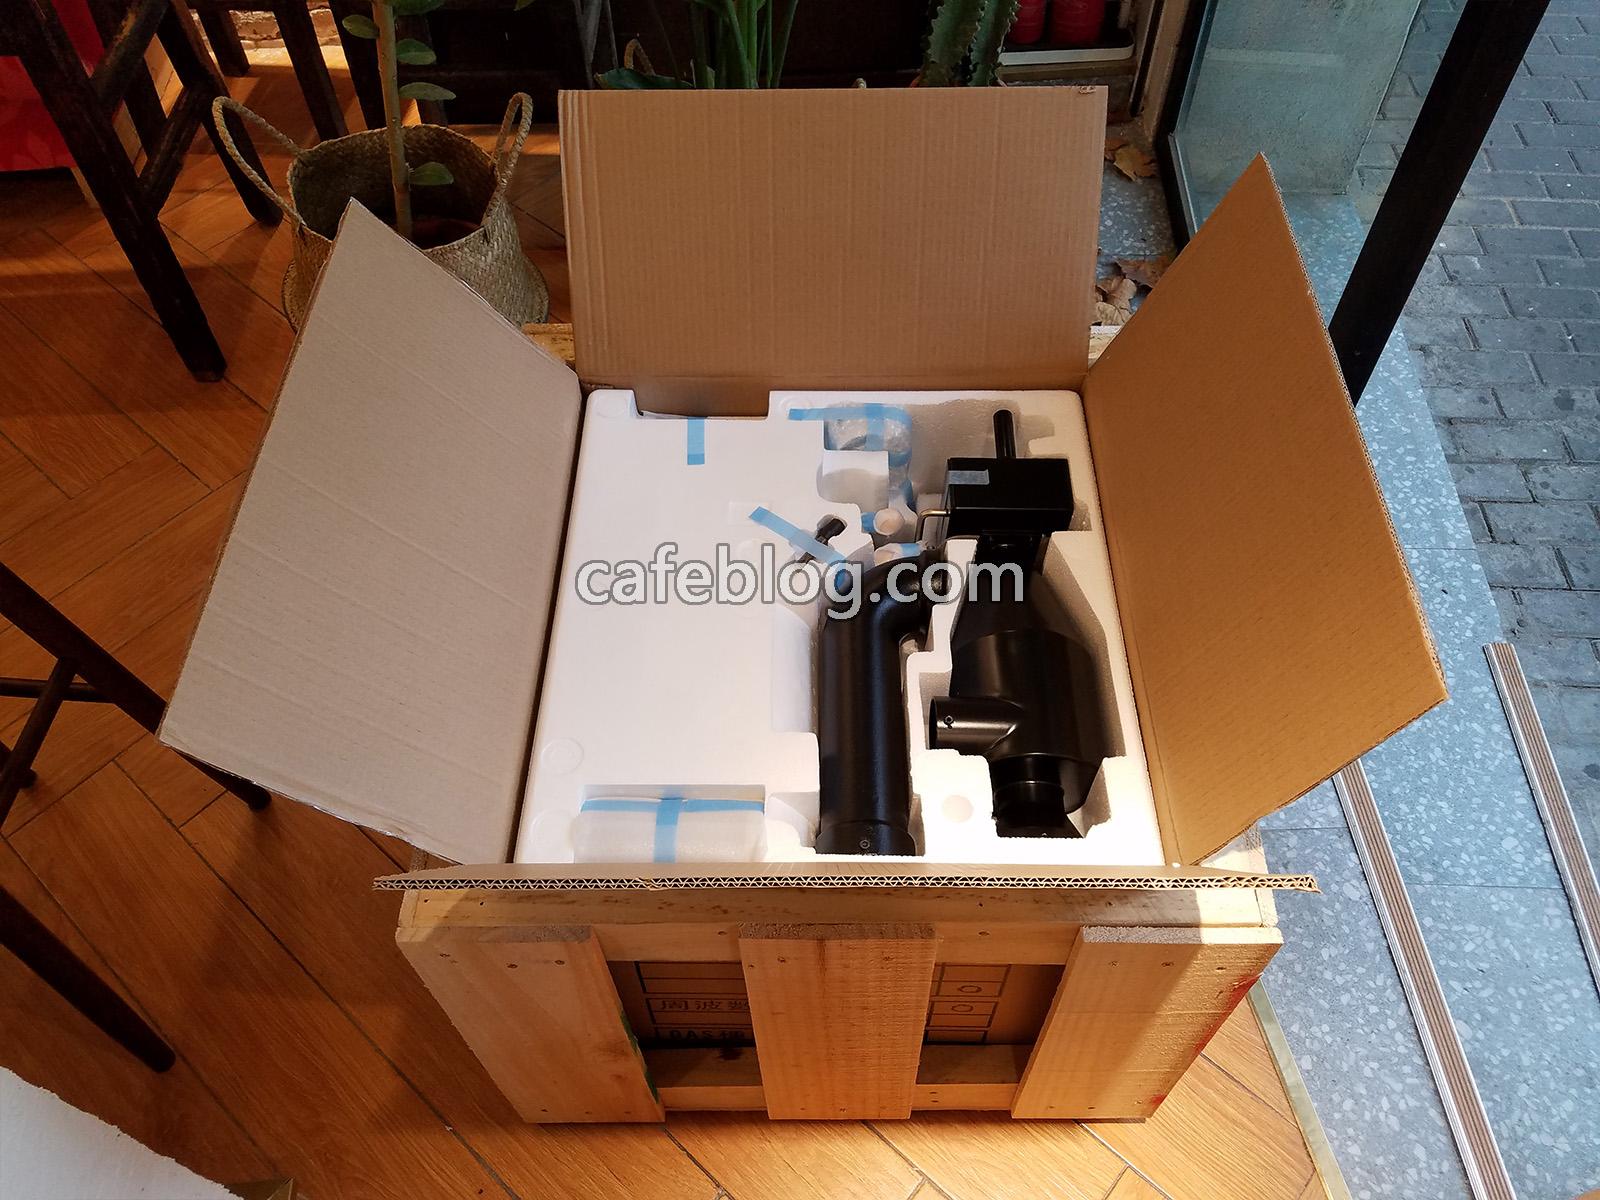 箱子最上部有冷却管等零件